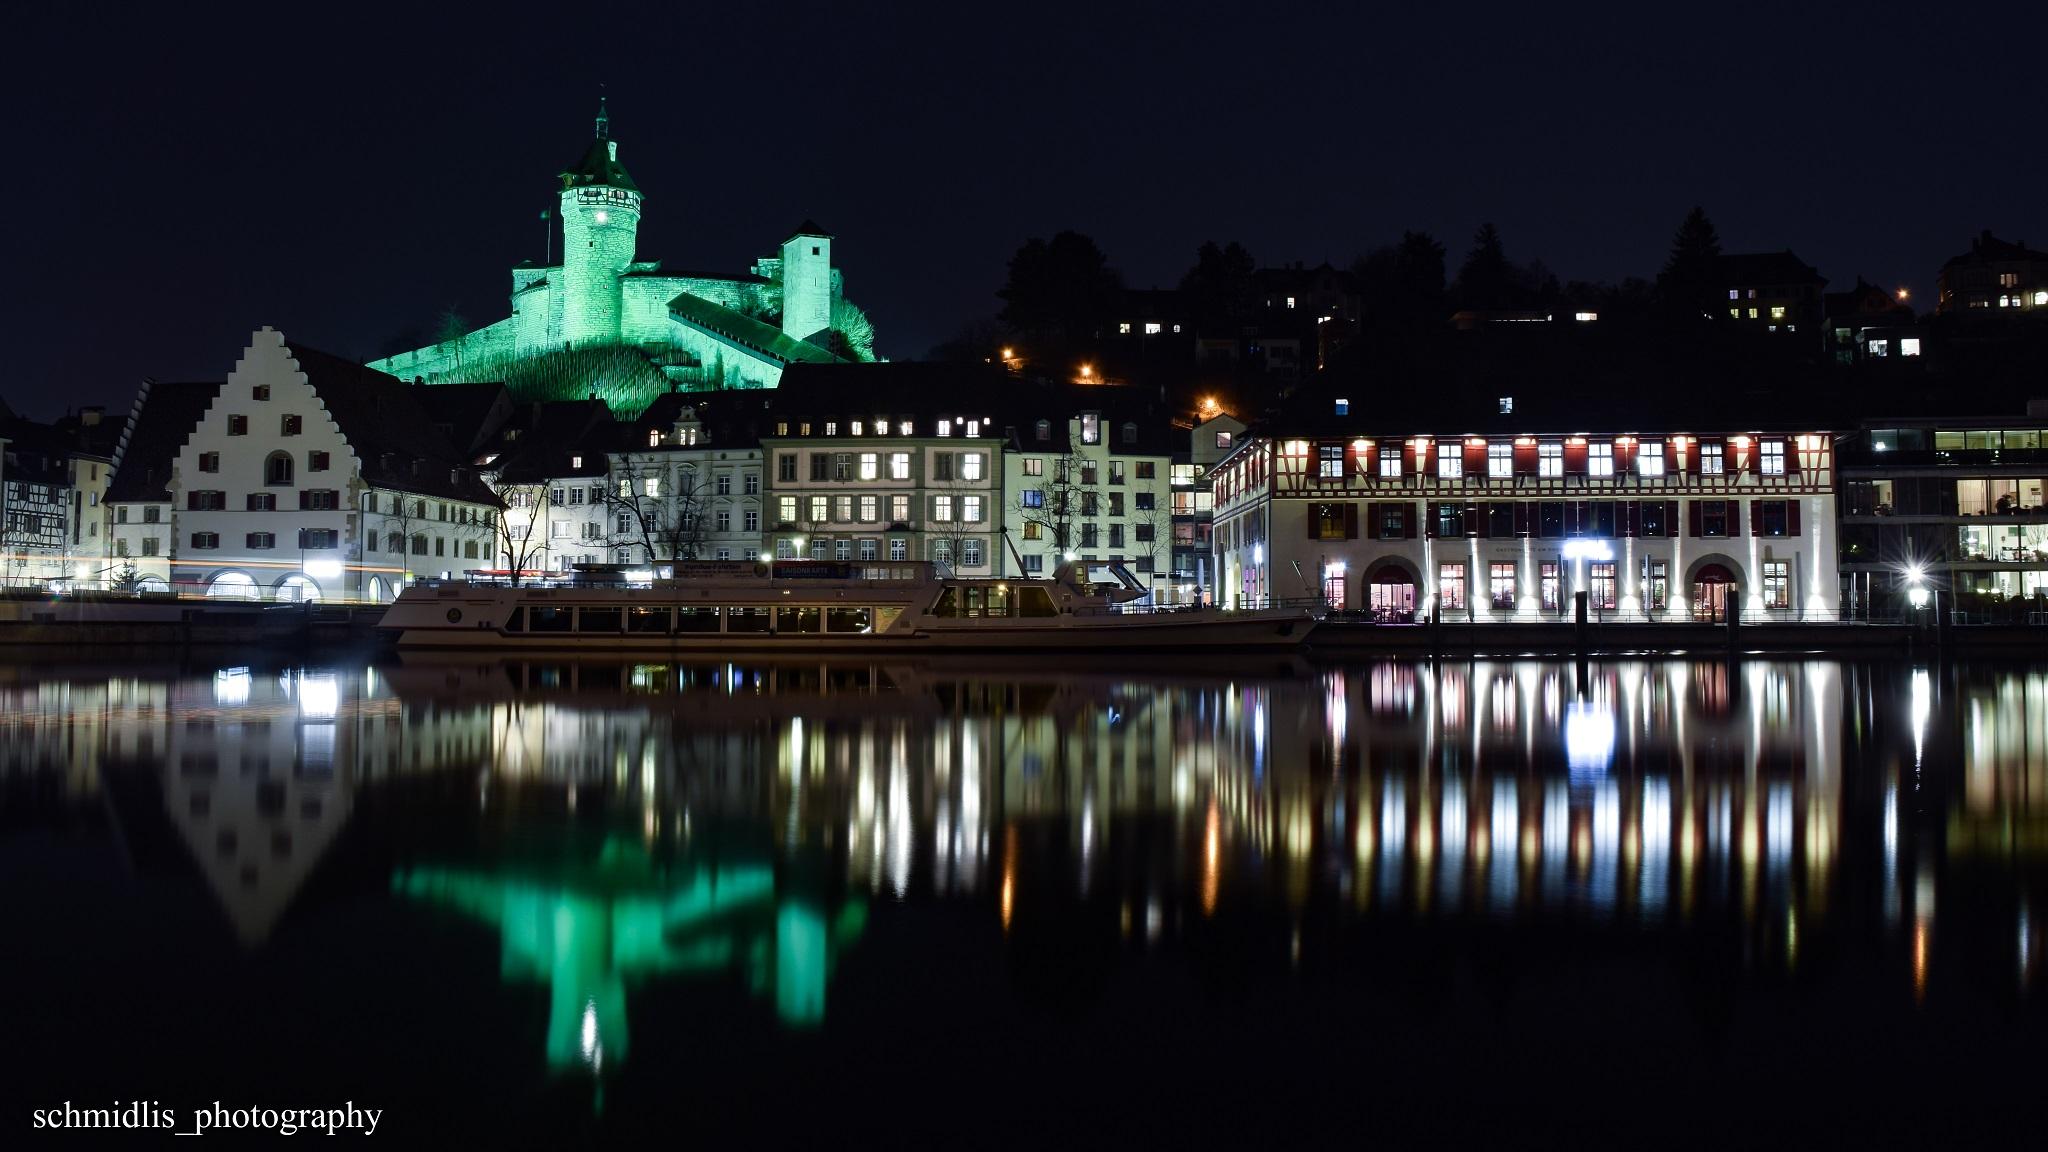 Munot Schaffhausen, Switzerland